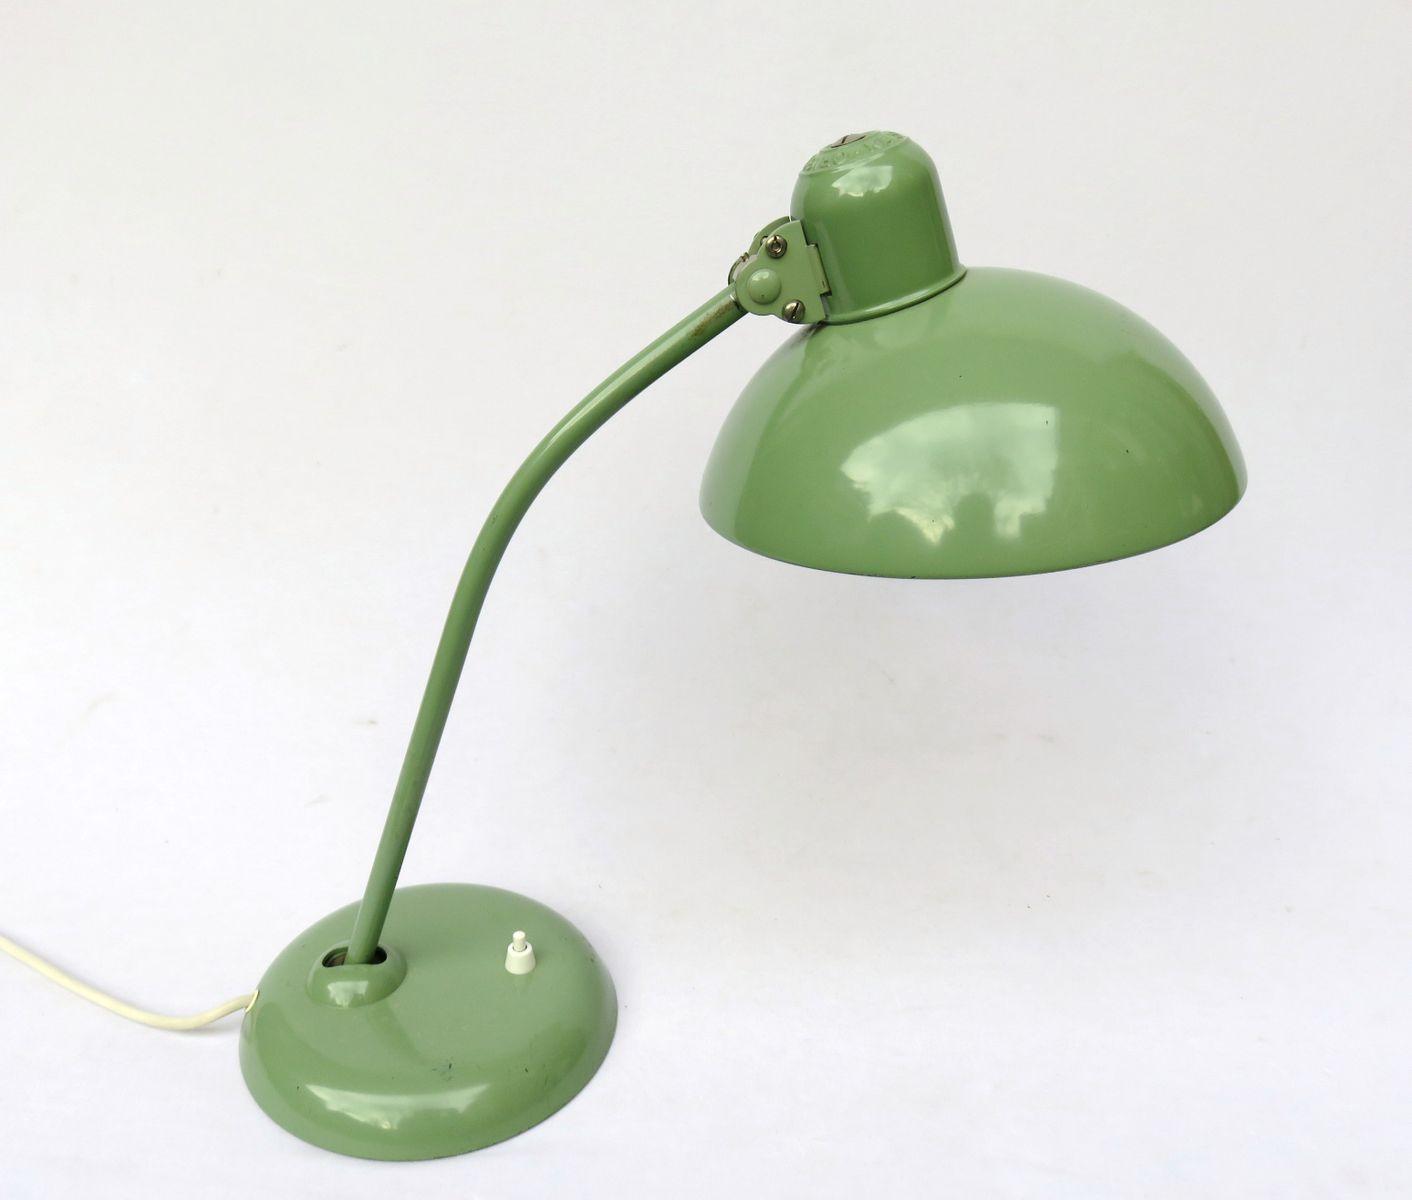 modell nr 6556 schreibtischlampe von christian dell f r kaiser idell 1930er bei pamono kaufen. Black Bedroom Furniture Sets. Home Design Ideas